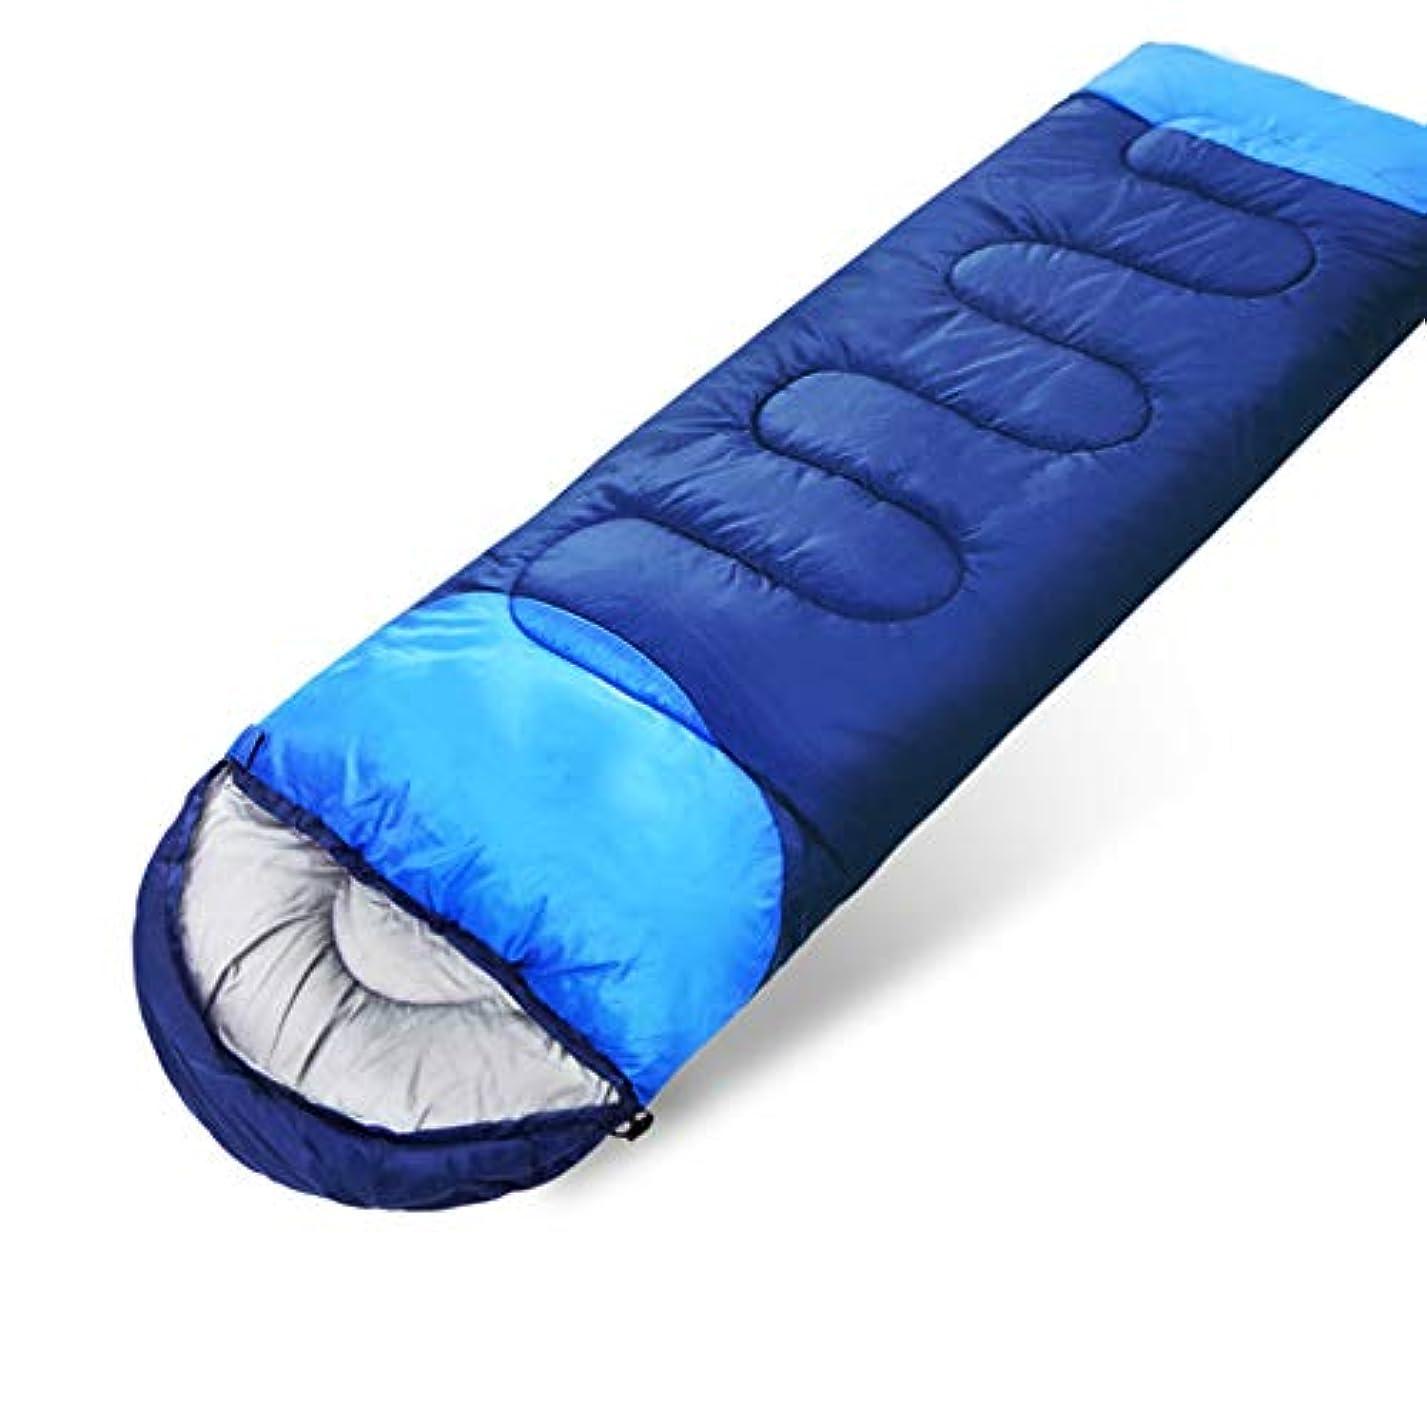 失便益彫刻家ミイラの寝袋は手を差し伸べる、通気性と暖かい、洗濯機で洗えます、防水ポリエステル、アウトドアクライミングエッセンシャル